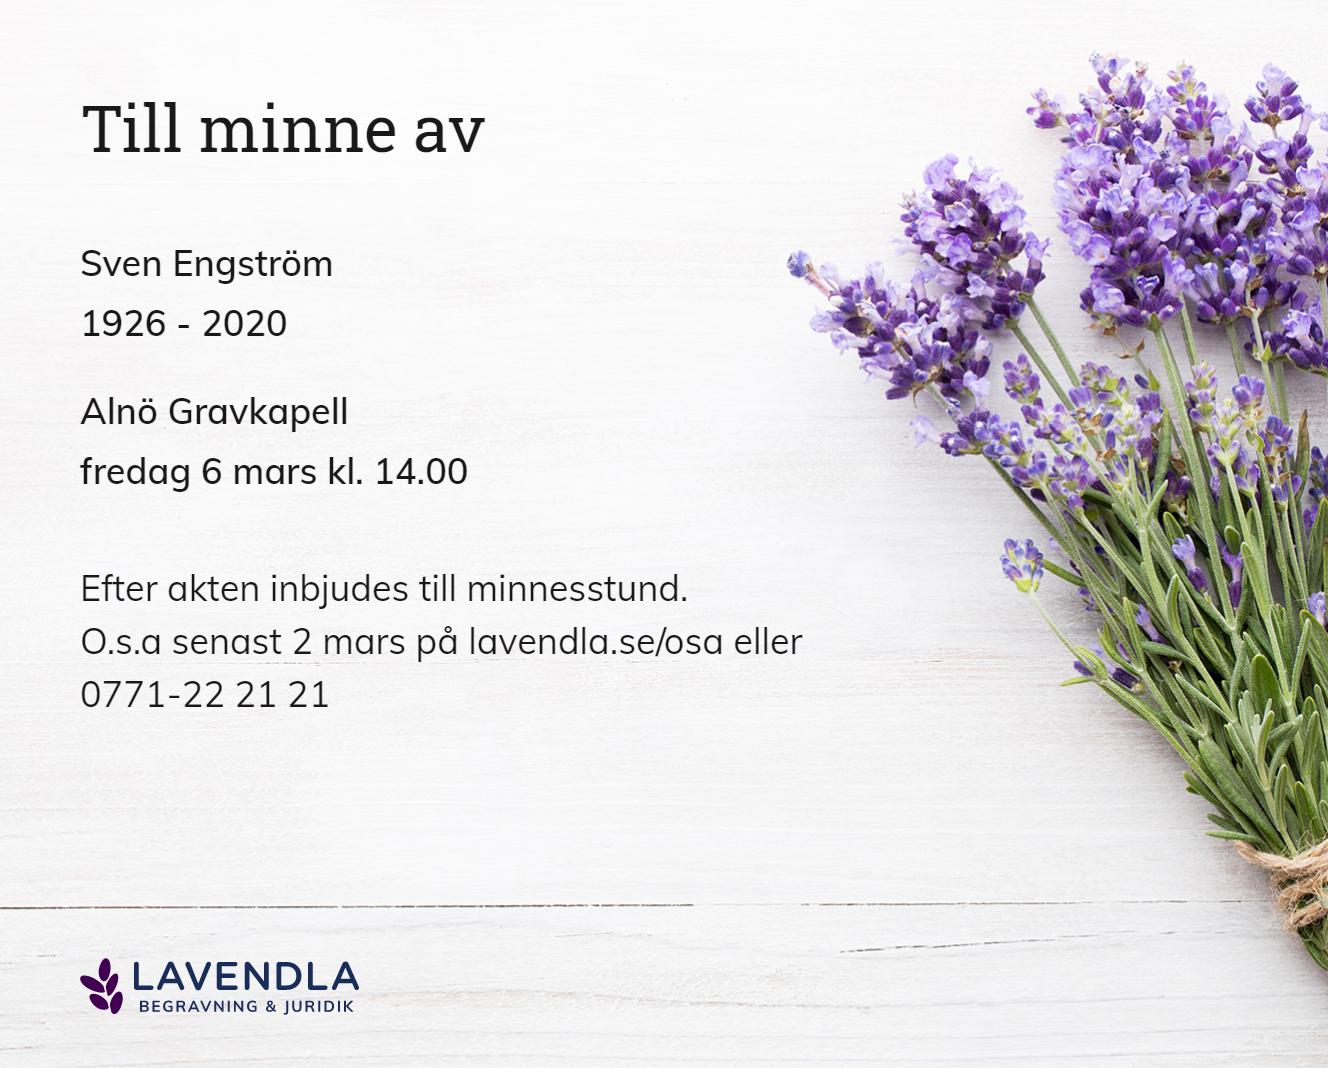 Inbjudningskort till ceremonin för Sven Engström